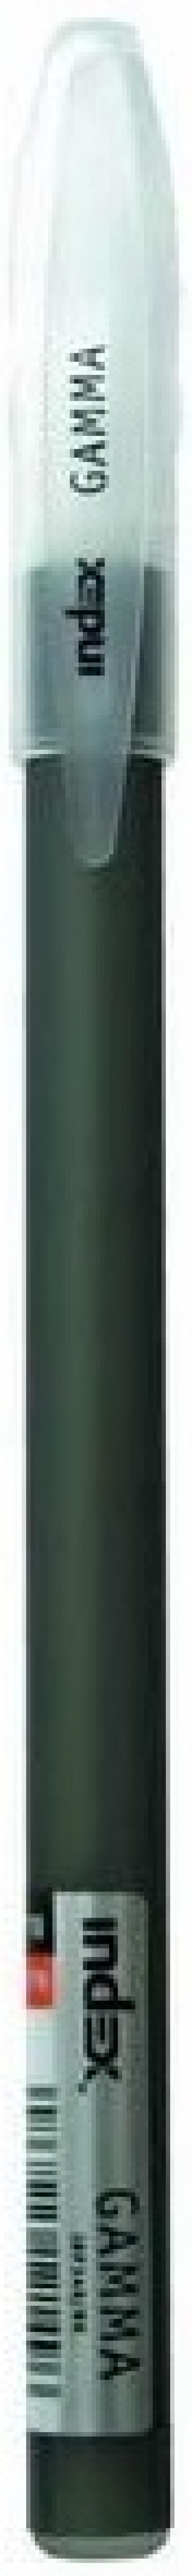 Шариковая ручка Index Gamma черный 1 мм IBP349/BK IBP349/BK шариковая ручка index gamma черный 1 мм ibp349 bk ibp349 bk